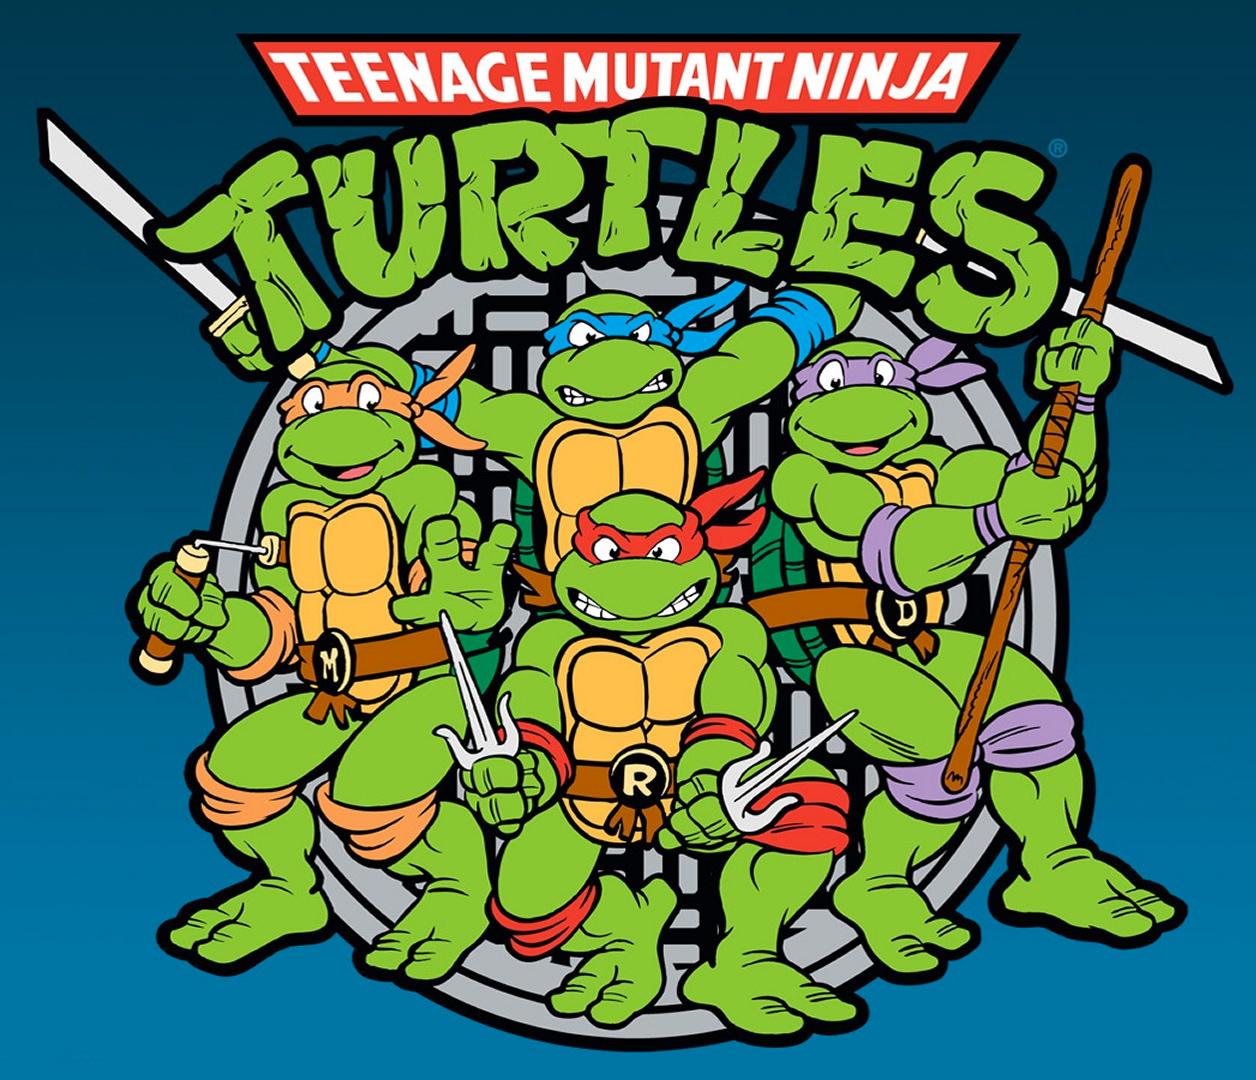 Amazing Teenage Mutant Ninja Turtles Pictures & Backgrounds